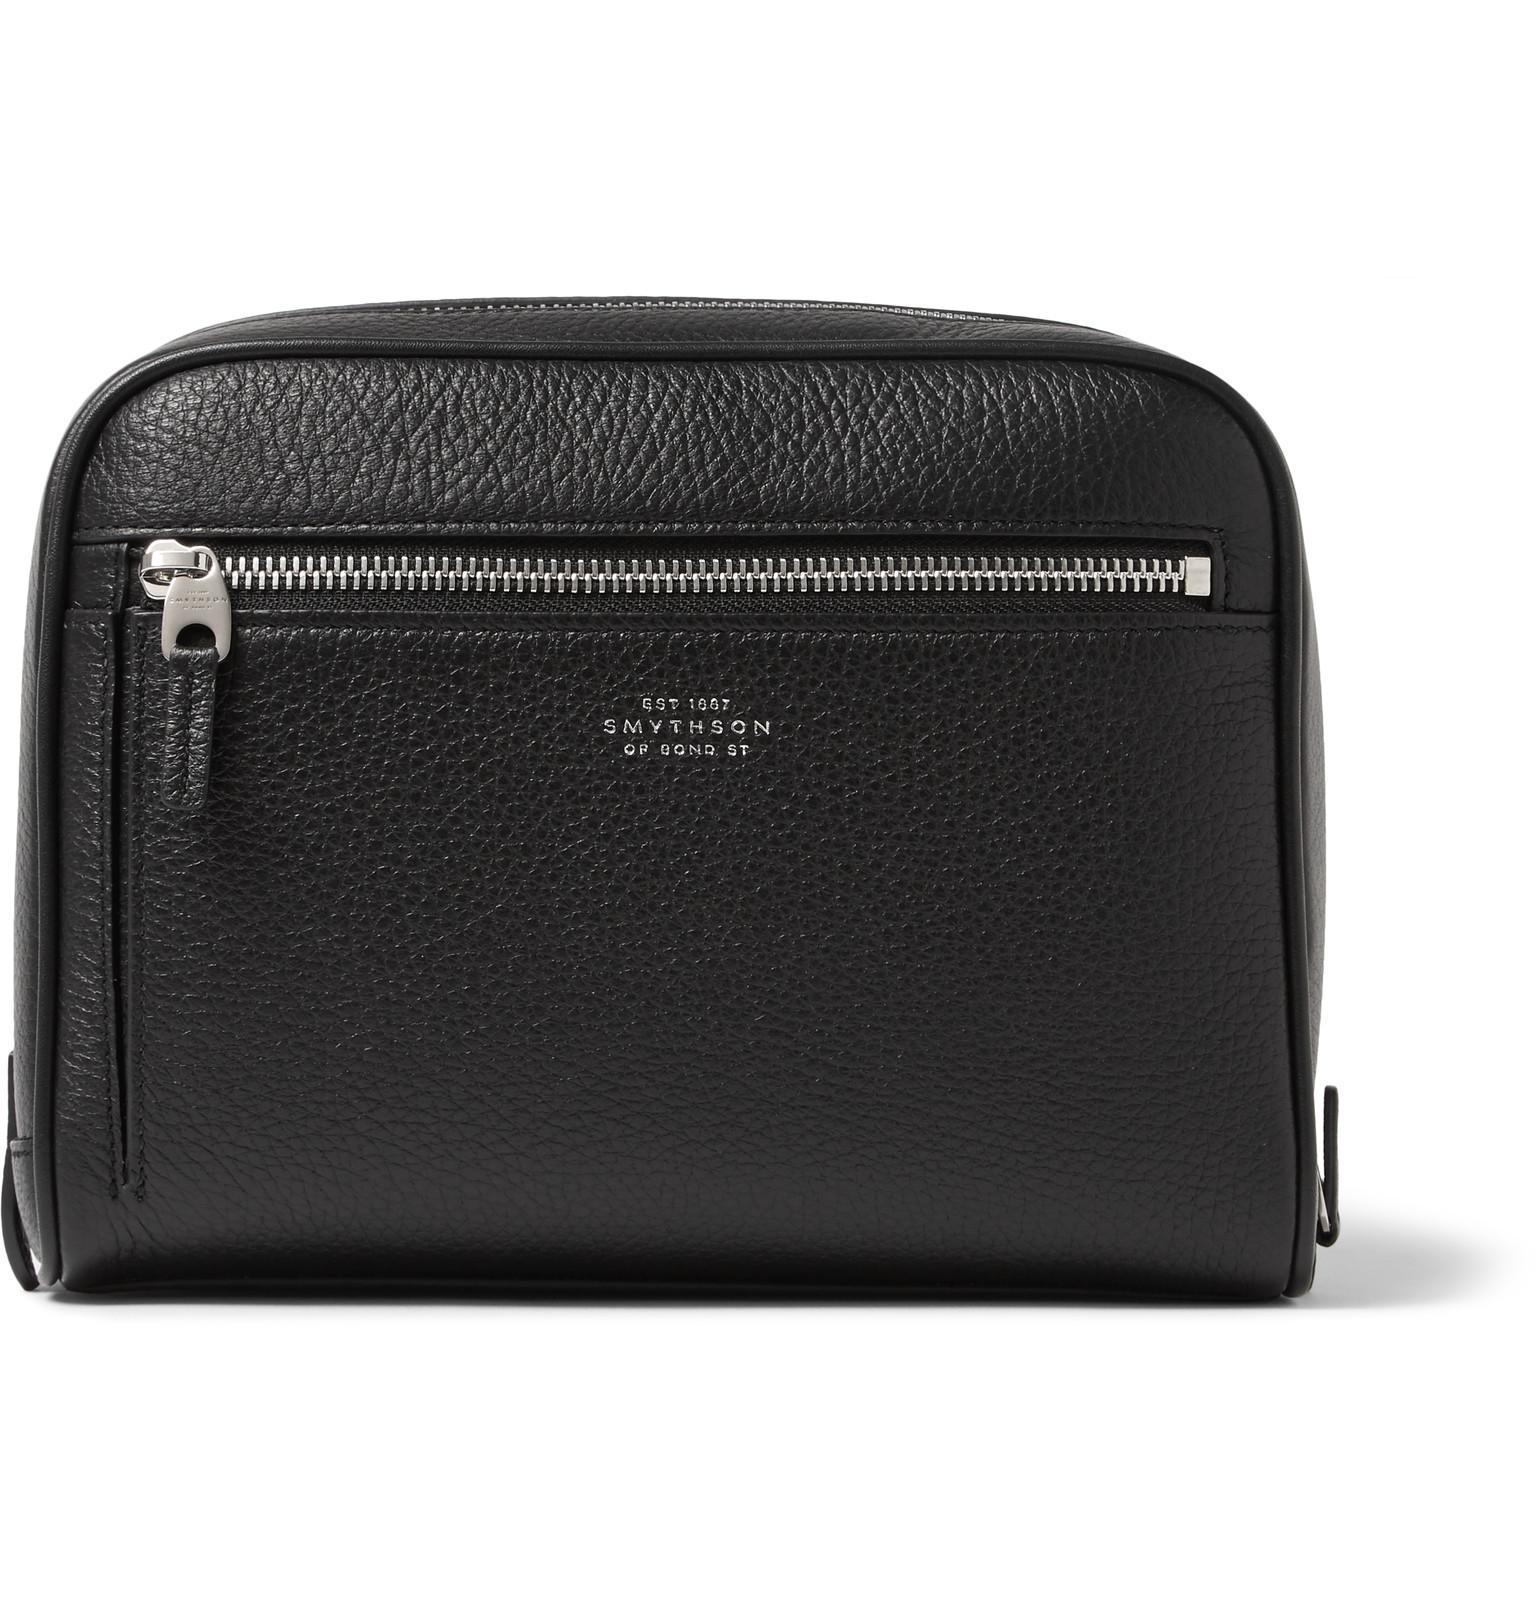 27d06f0746 Smythson Burlington Grained-leather Wash Bag in Black for Men - Lyst